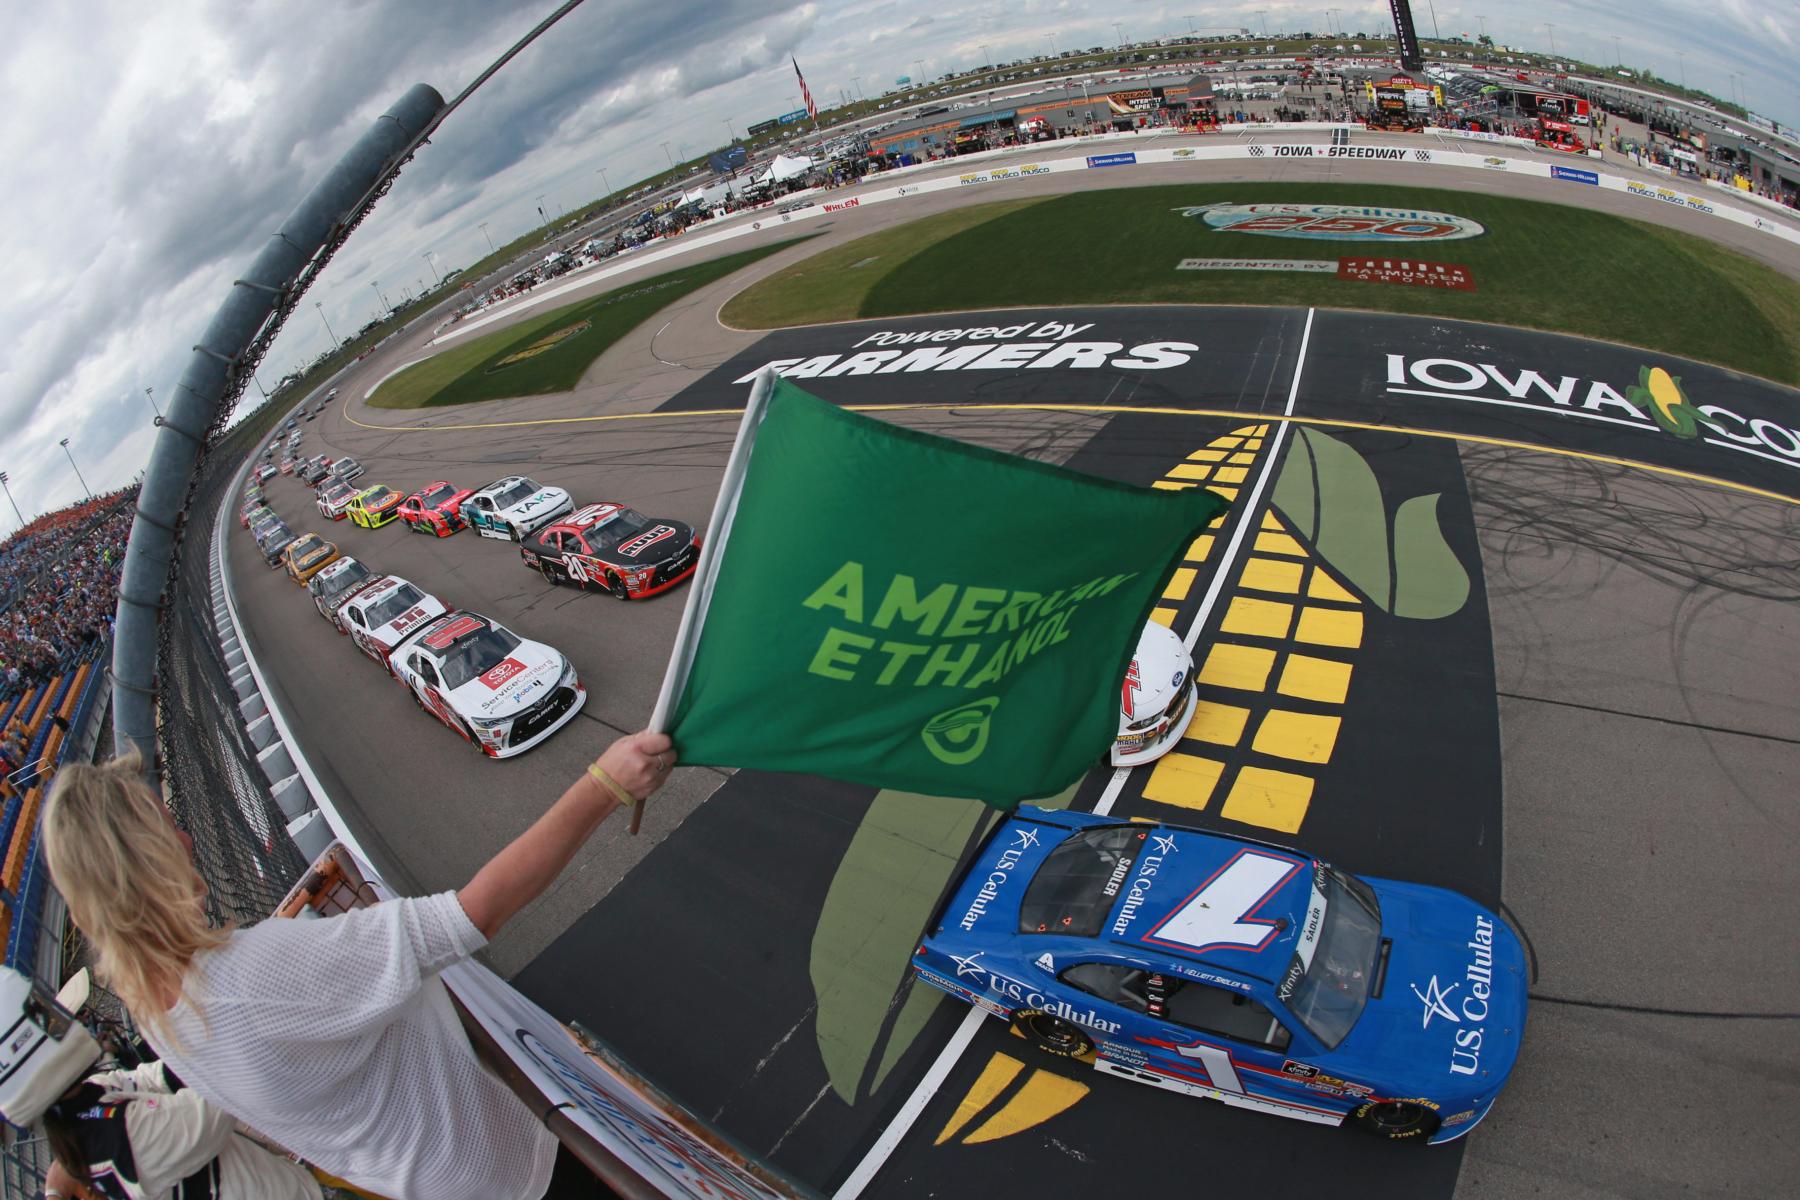 NASCAR Xfinity Series at Iowa Speedway